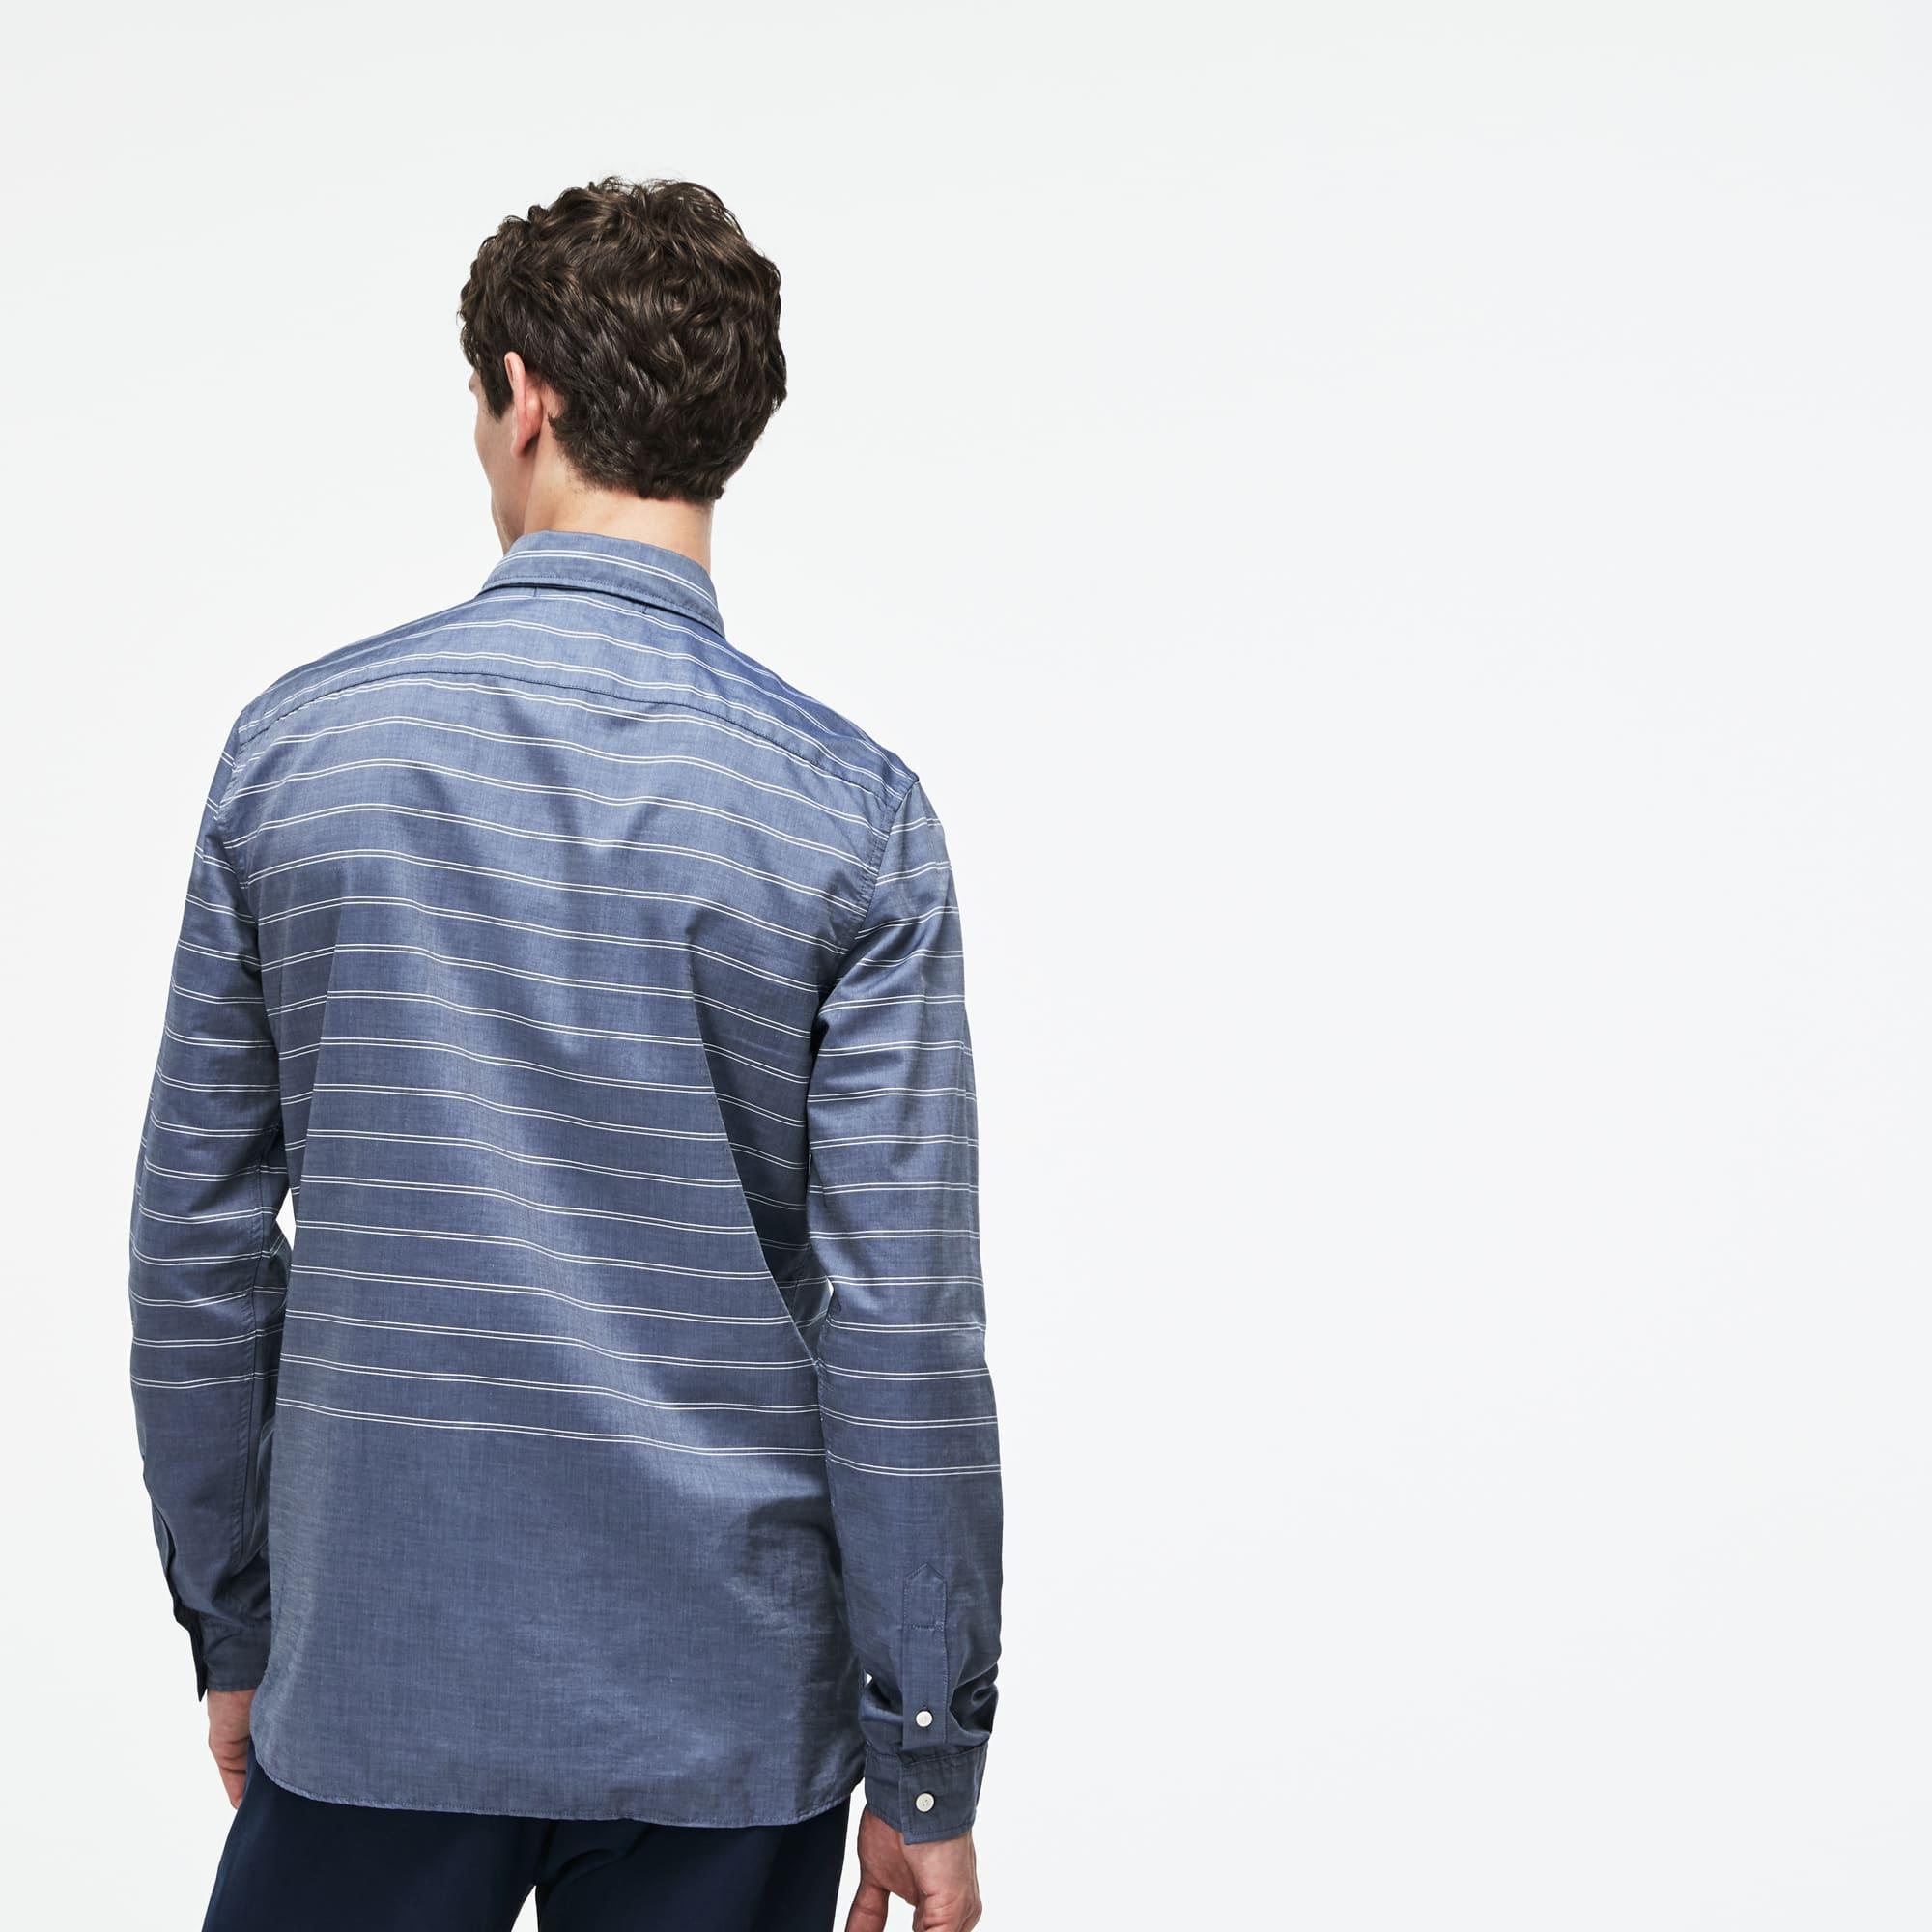 Lacoste - Camisa De Hombre Slim Fit En Popelín De Rayas - 3